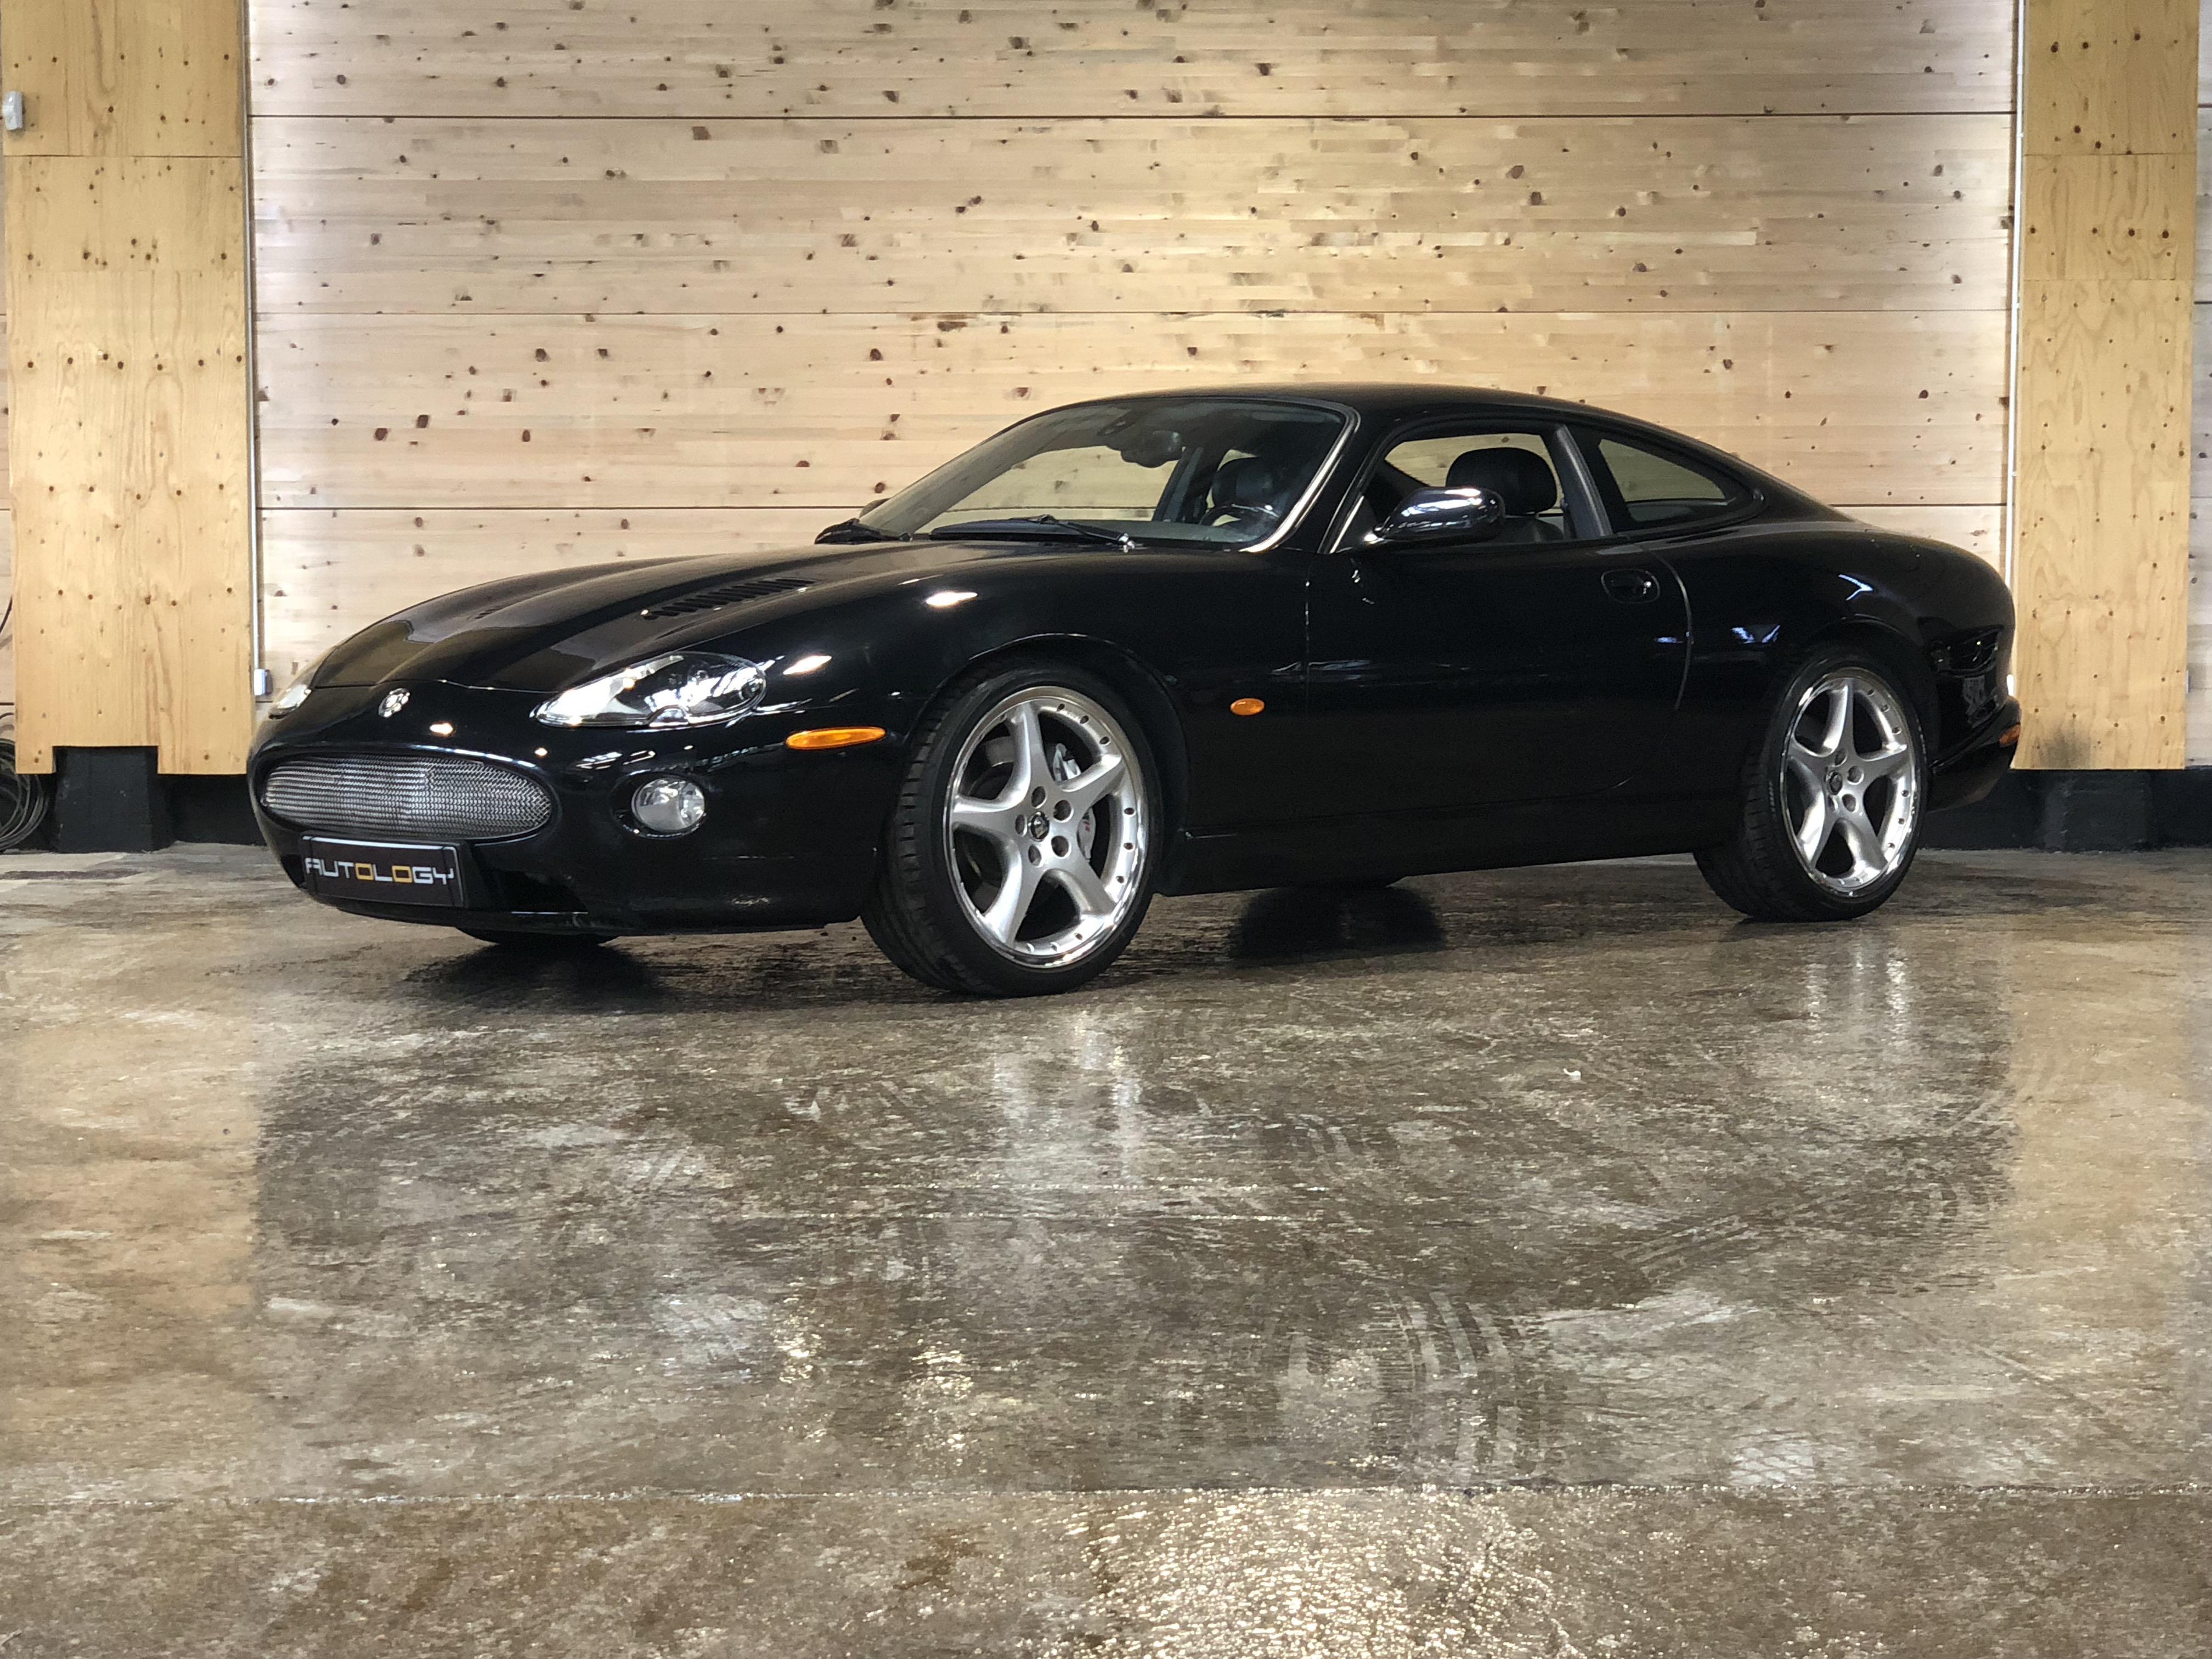 Jaguar XKR 4.2 BVA6